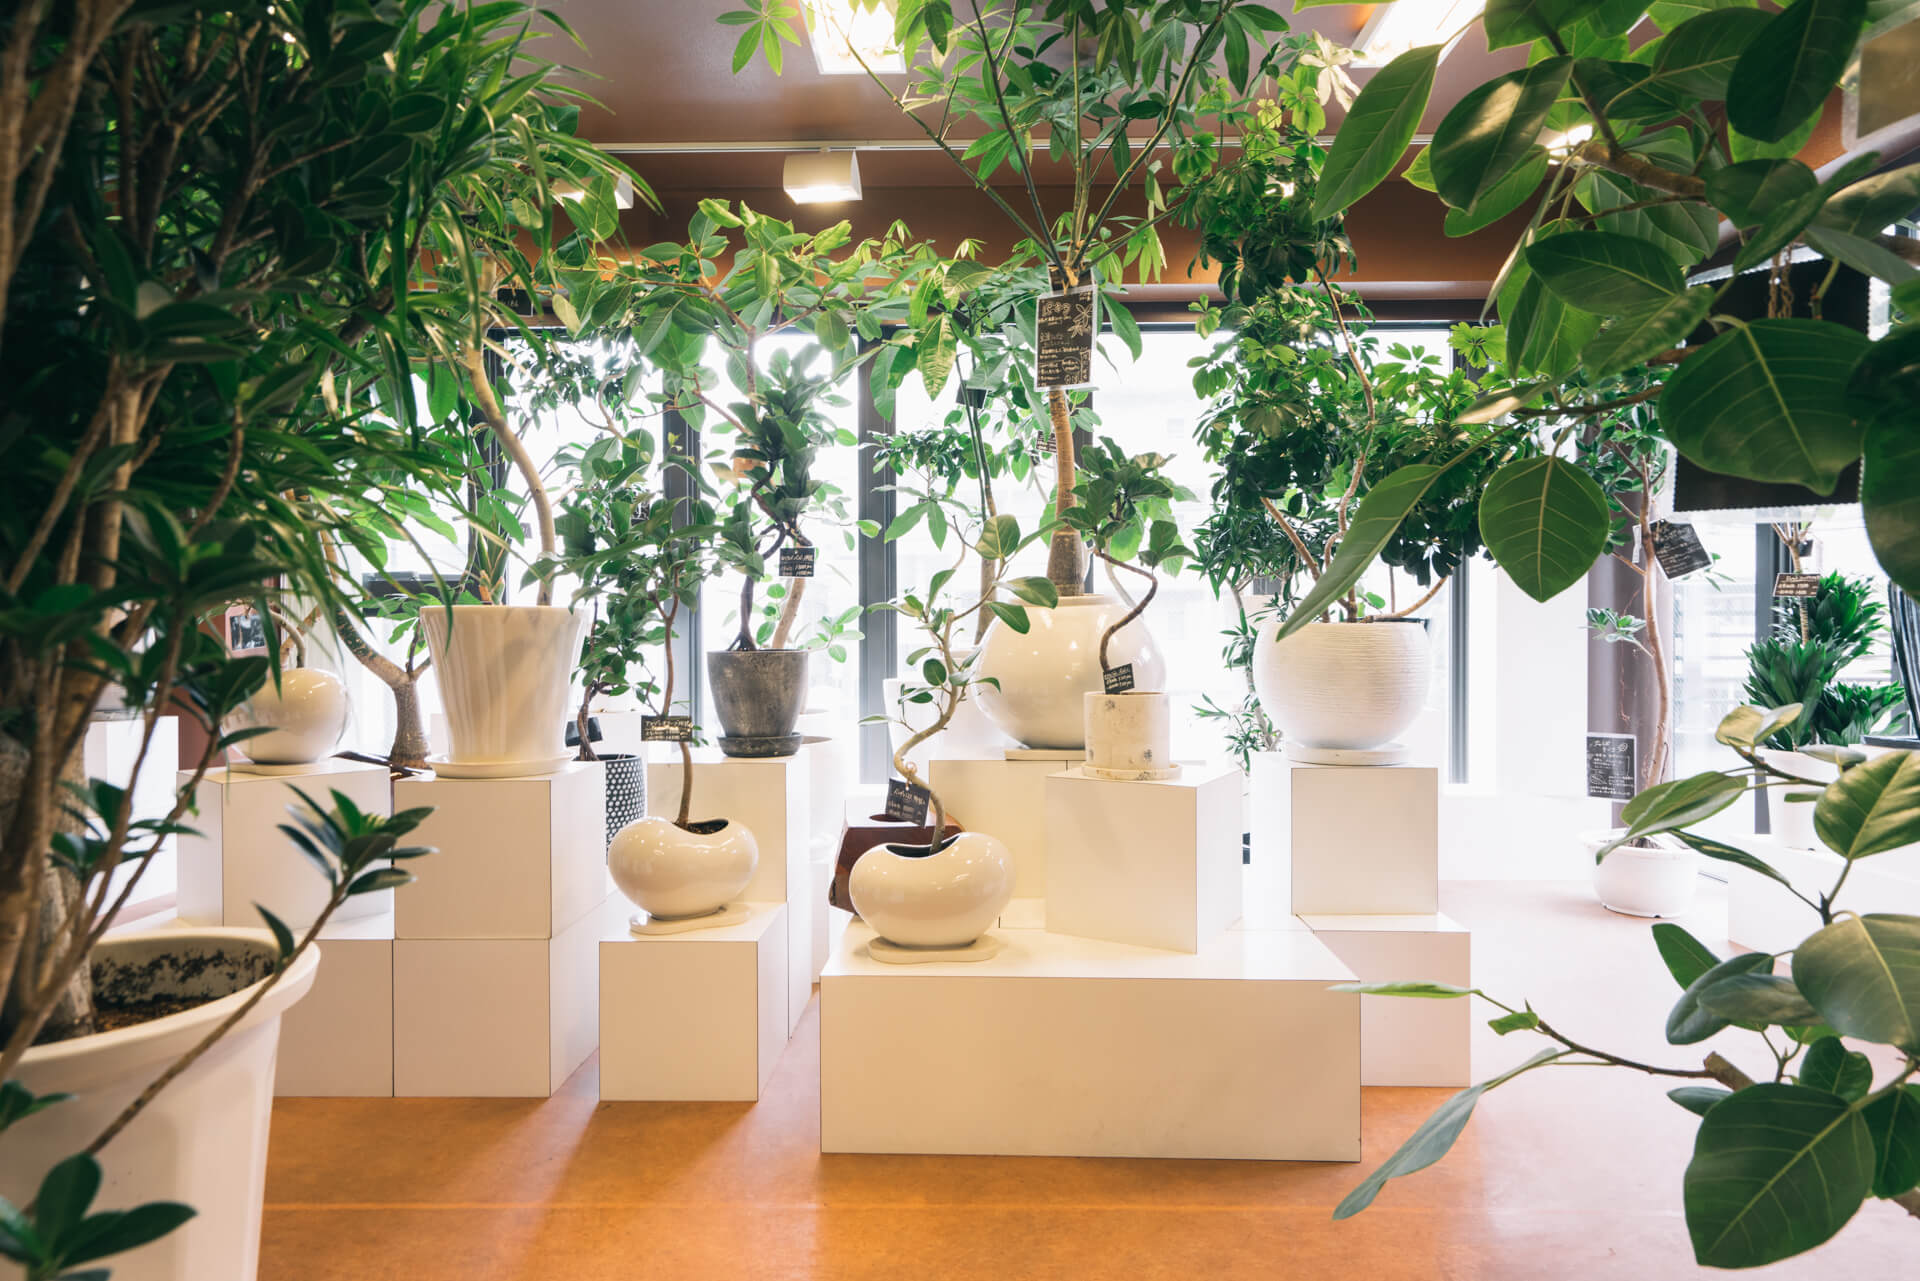 2階には、中型の植物と、陶器鉢に植え込まれたものも。